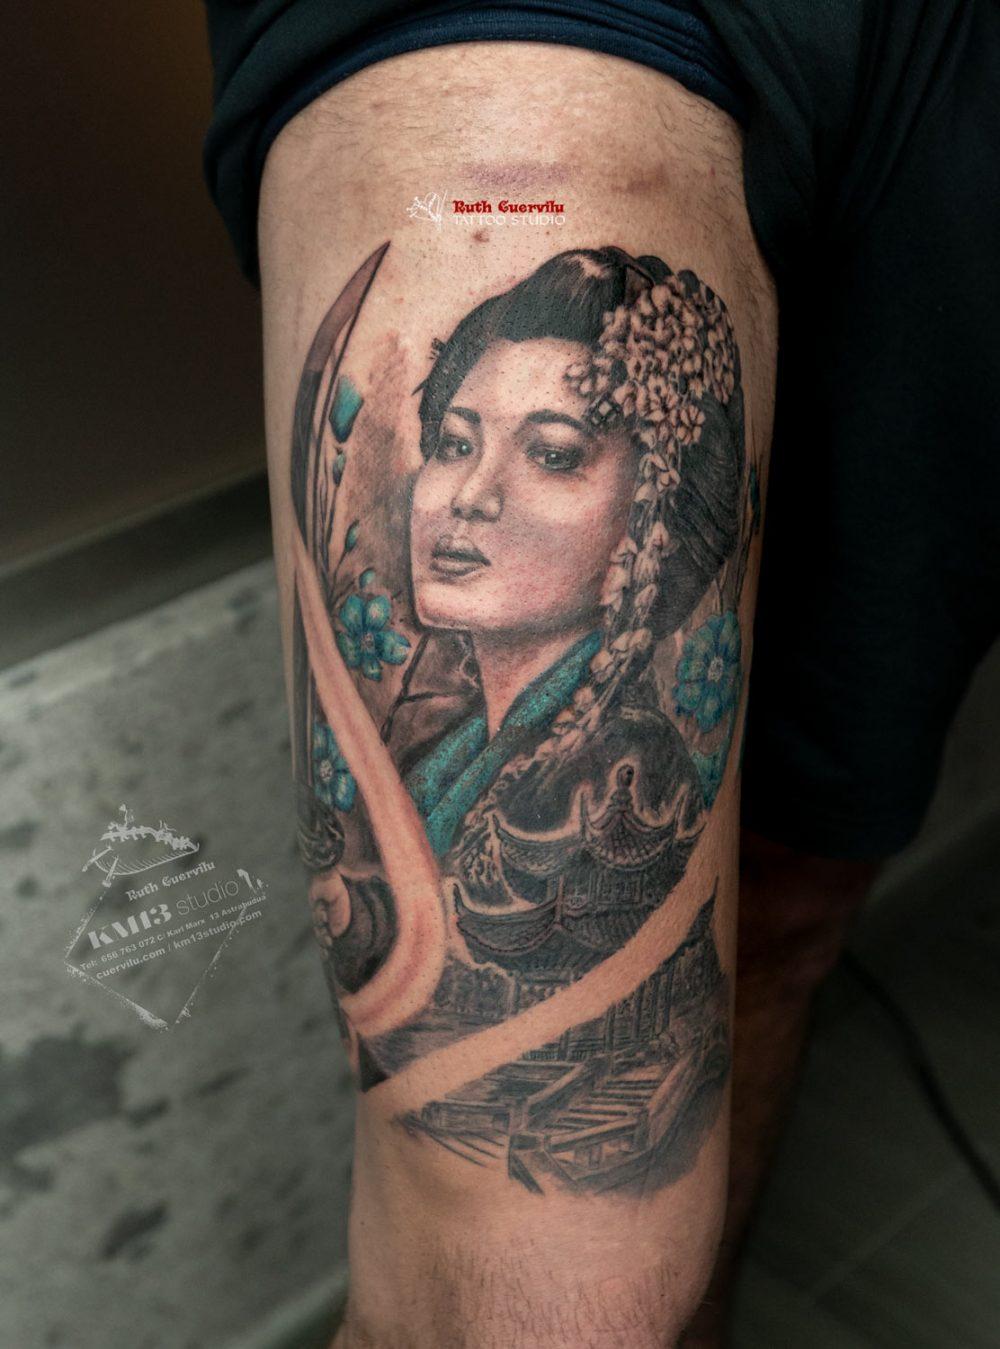 Tatuaje Geisha y Pagoda - Ruth Cuervilu Tattoo - KM13 Studio - Estudio de tatuajes en Astrabudua Erandio Bizkaia Bilbao